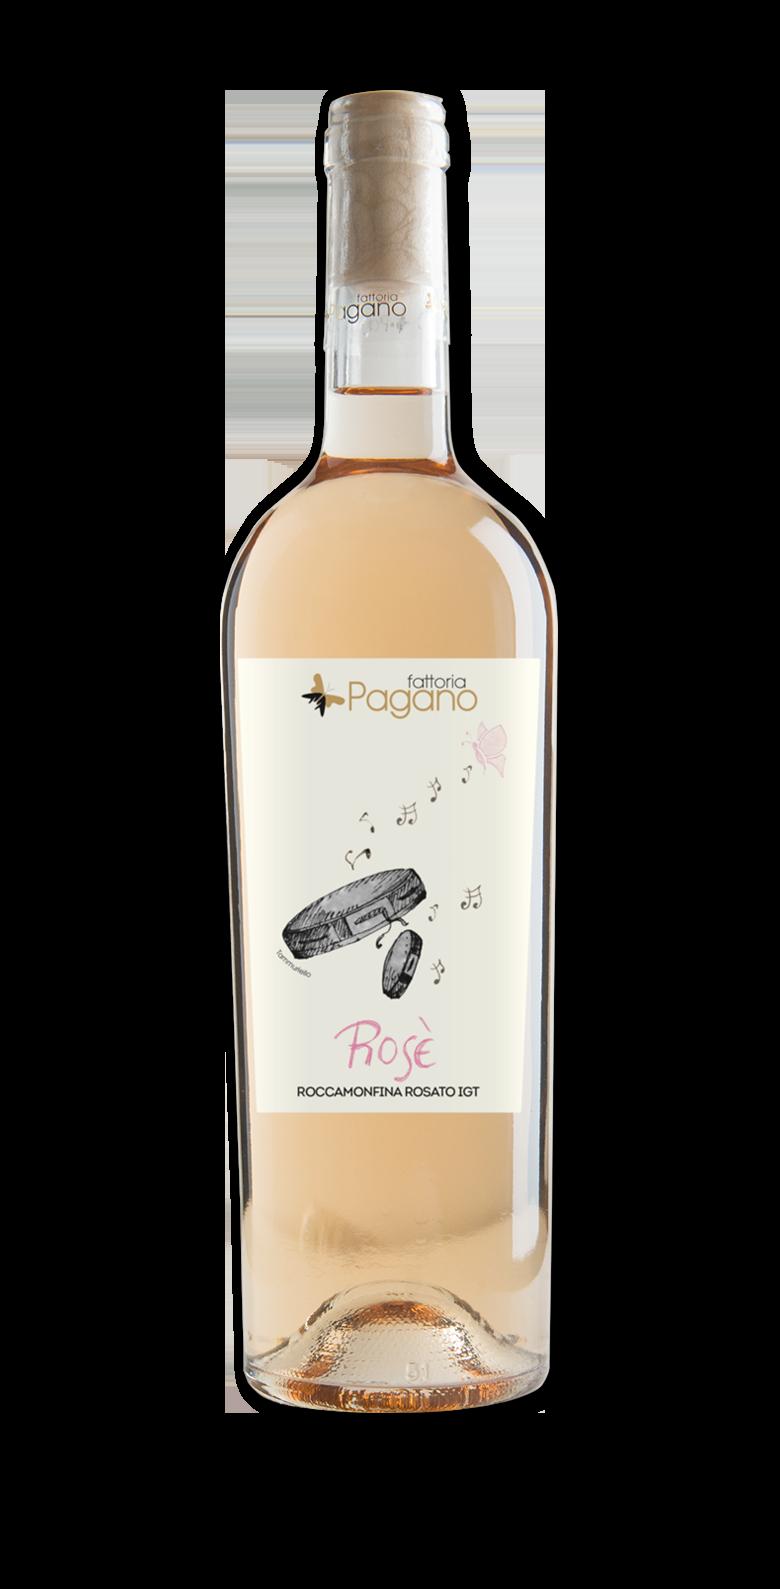 vino rosato di aglianico, piedirosso, merlot